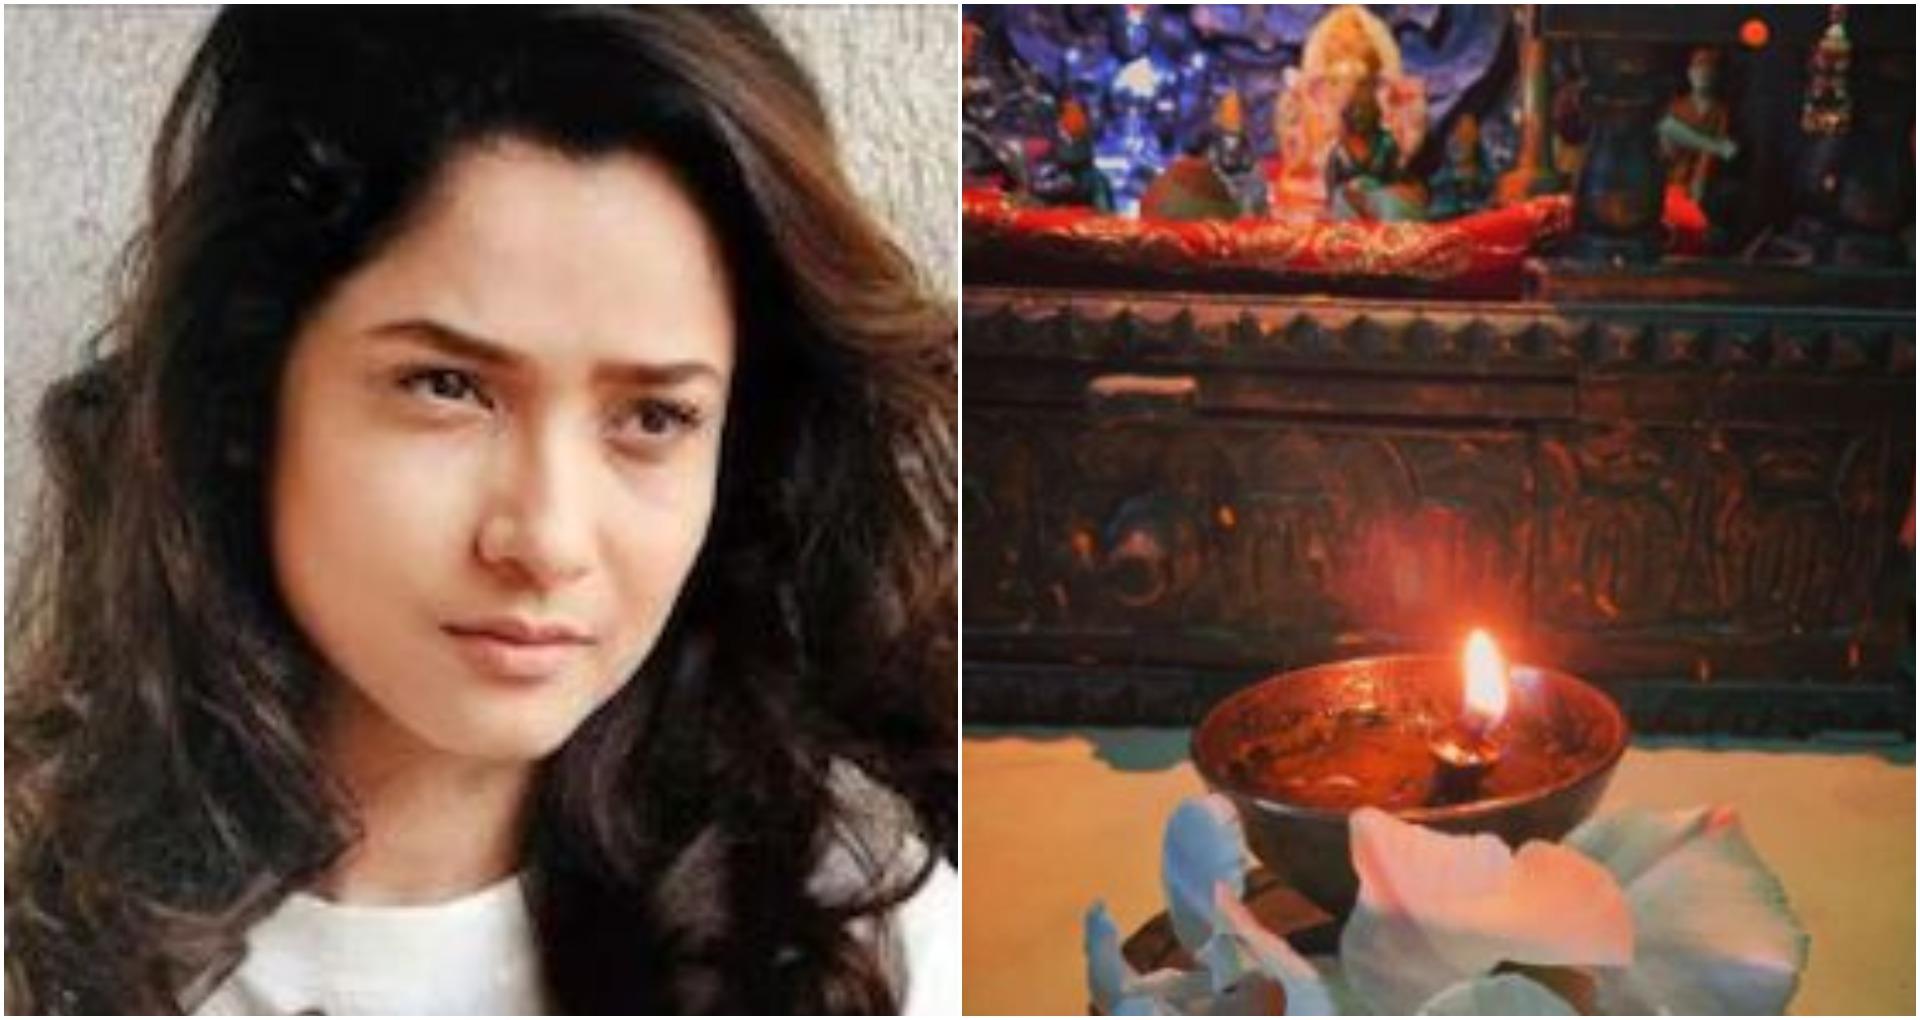 सुशांत की याद में अंकिता लोखंडे ने जलाया दीपक! शेयर की फोटो और लिखा- 'Child of God'